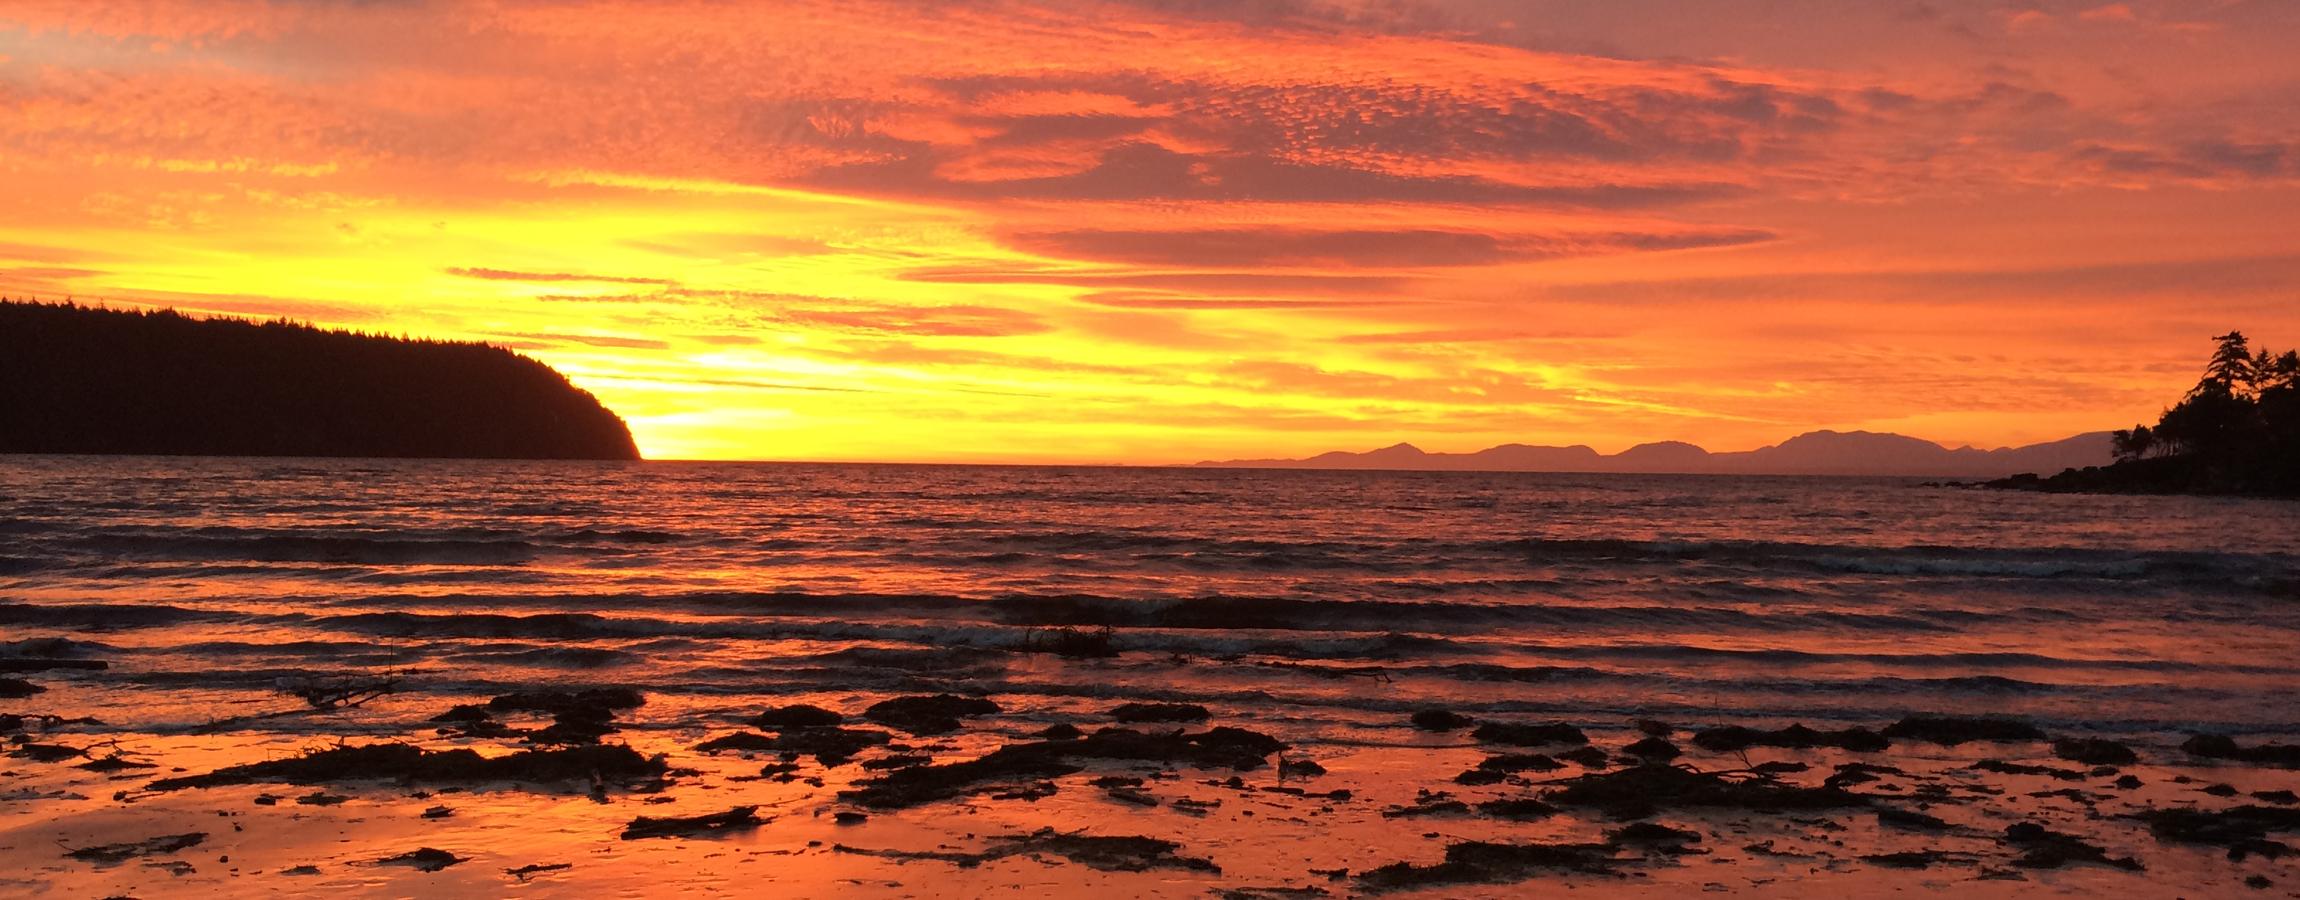 hornby-sunset